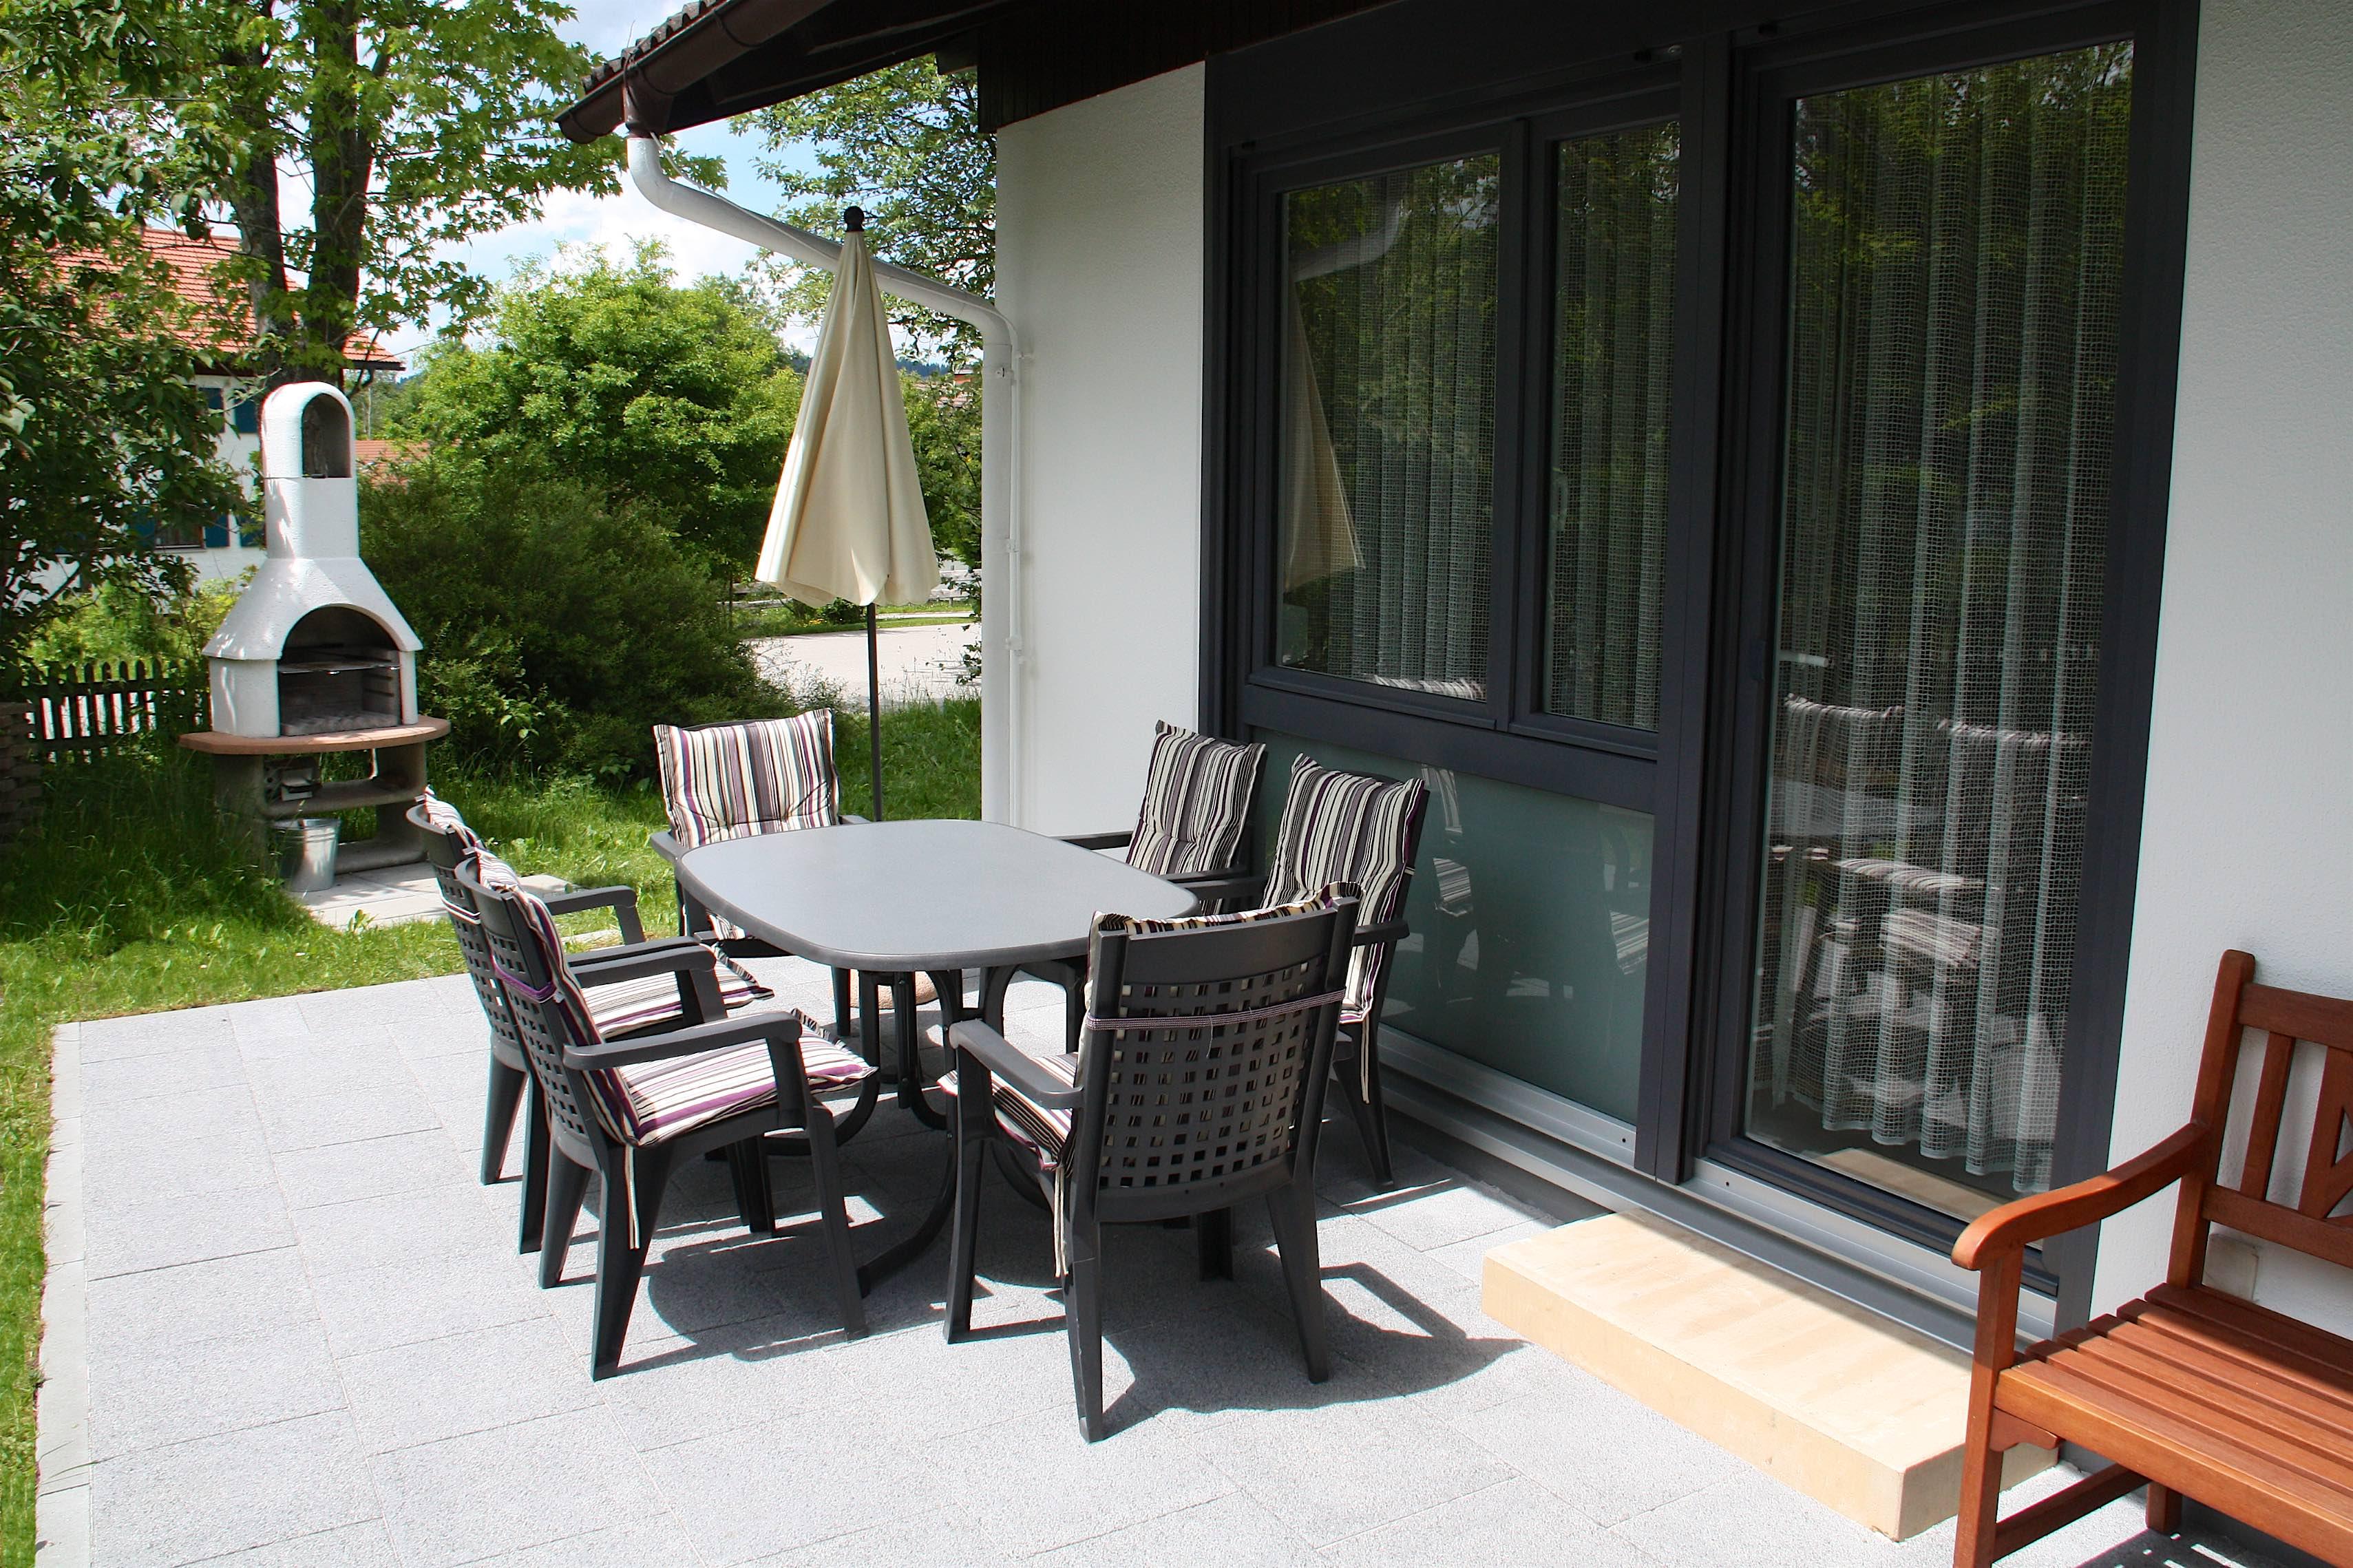 Sonnenterrasse:Der Grill neben der Terrasse lädt zum gemütlichen Beisammensein ein.